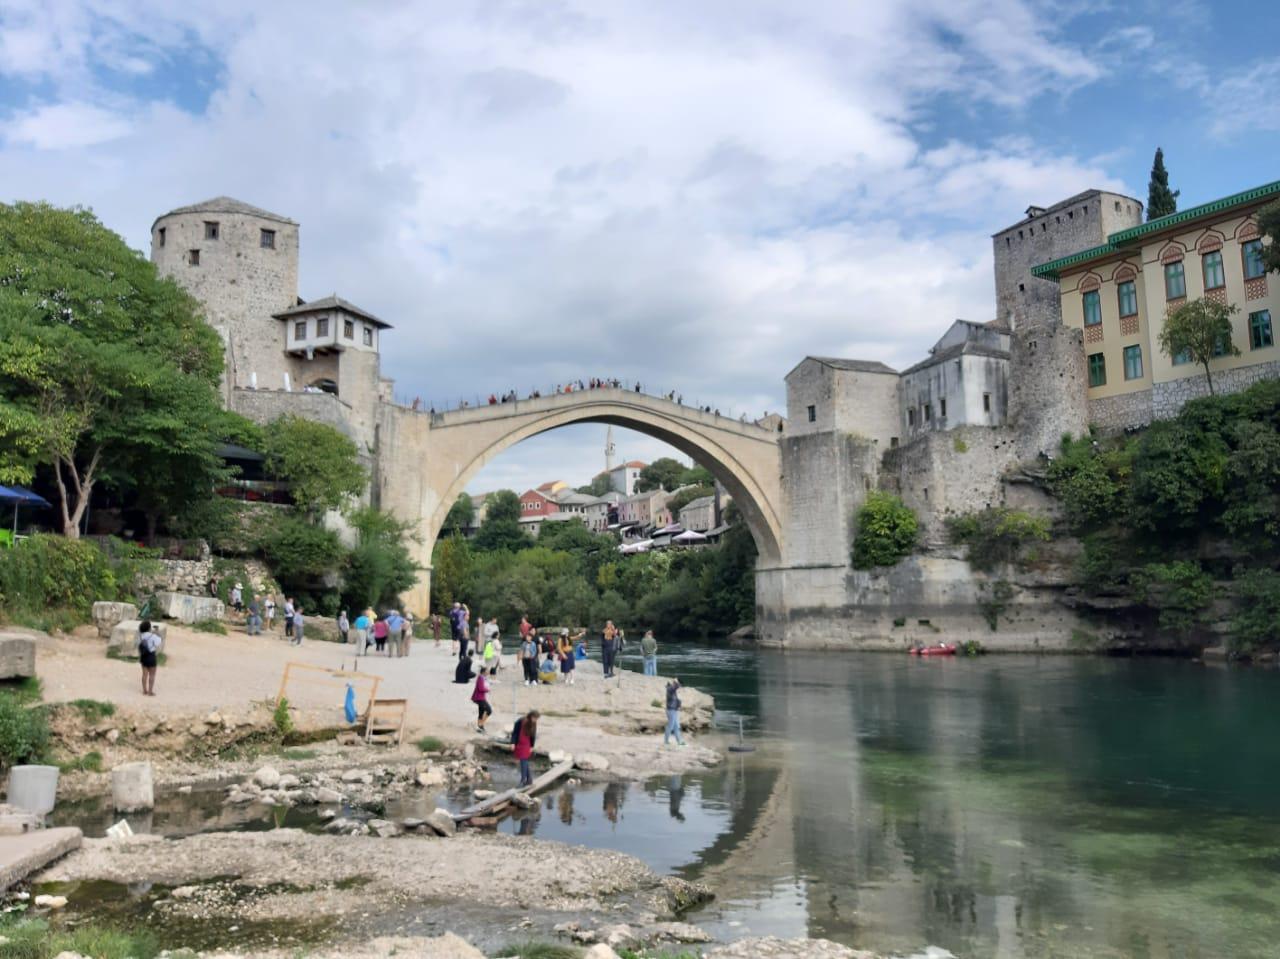 Die ottomanische Brücke von Mostar aus dem 16. Jh. in der Herzegowina